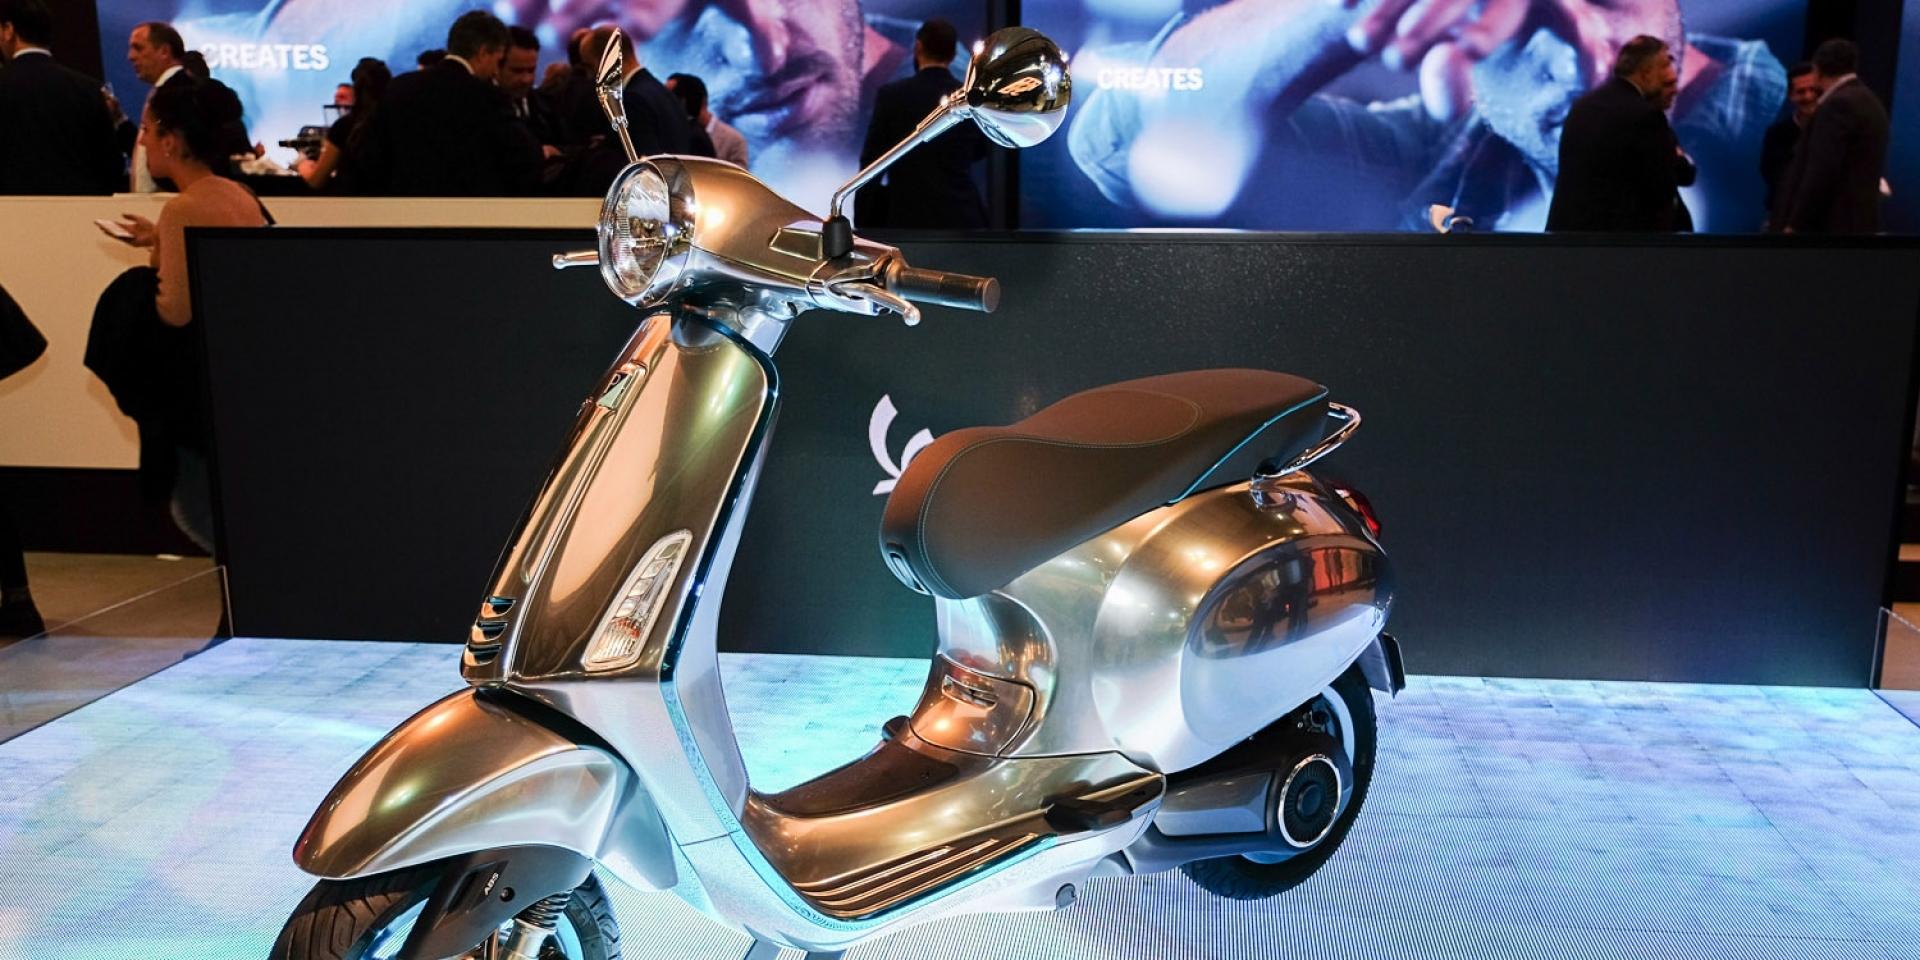 主推低功率、在家充電。Vespa Elettrica電動車22萬歐洲開賣